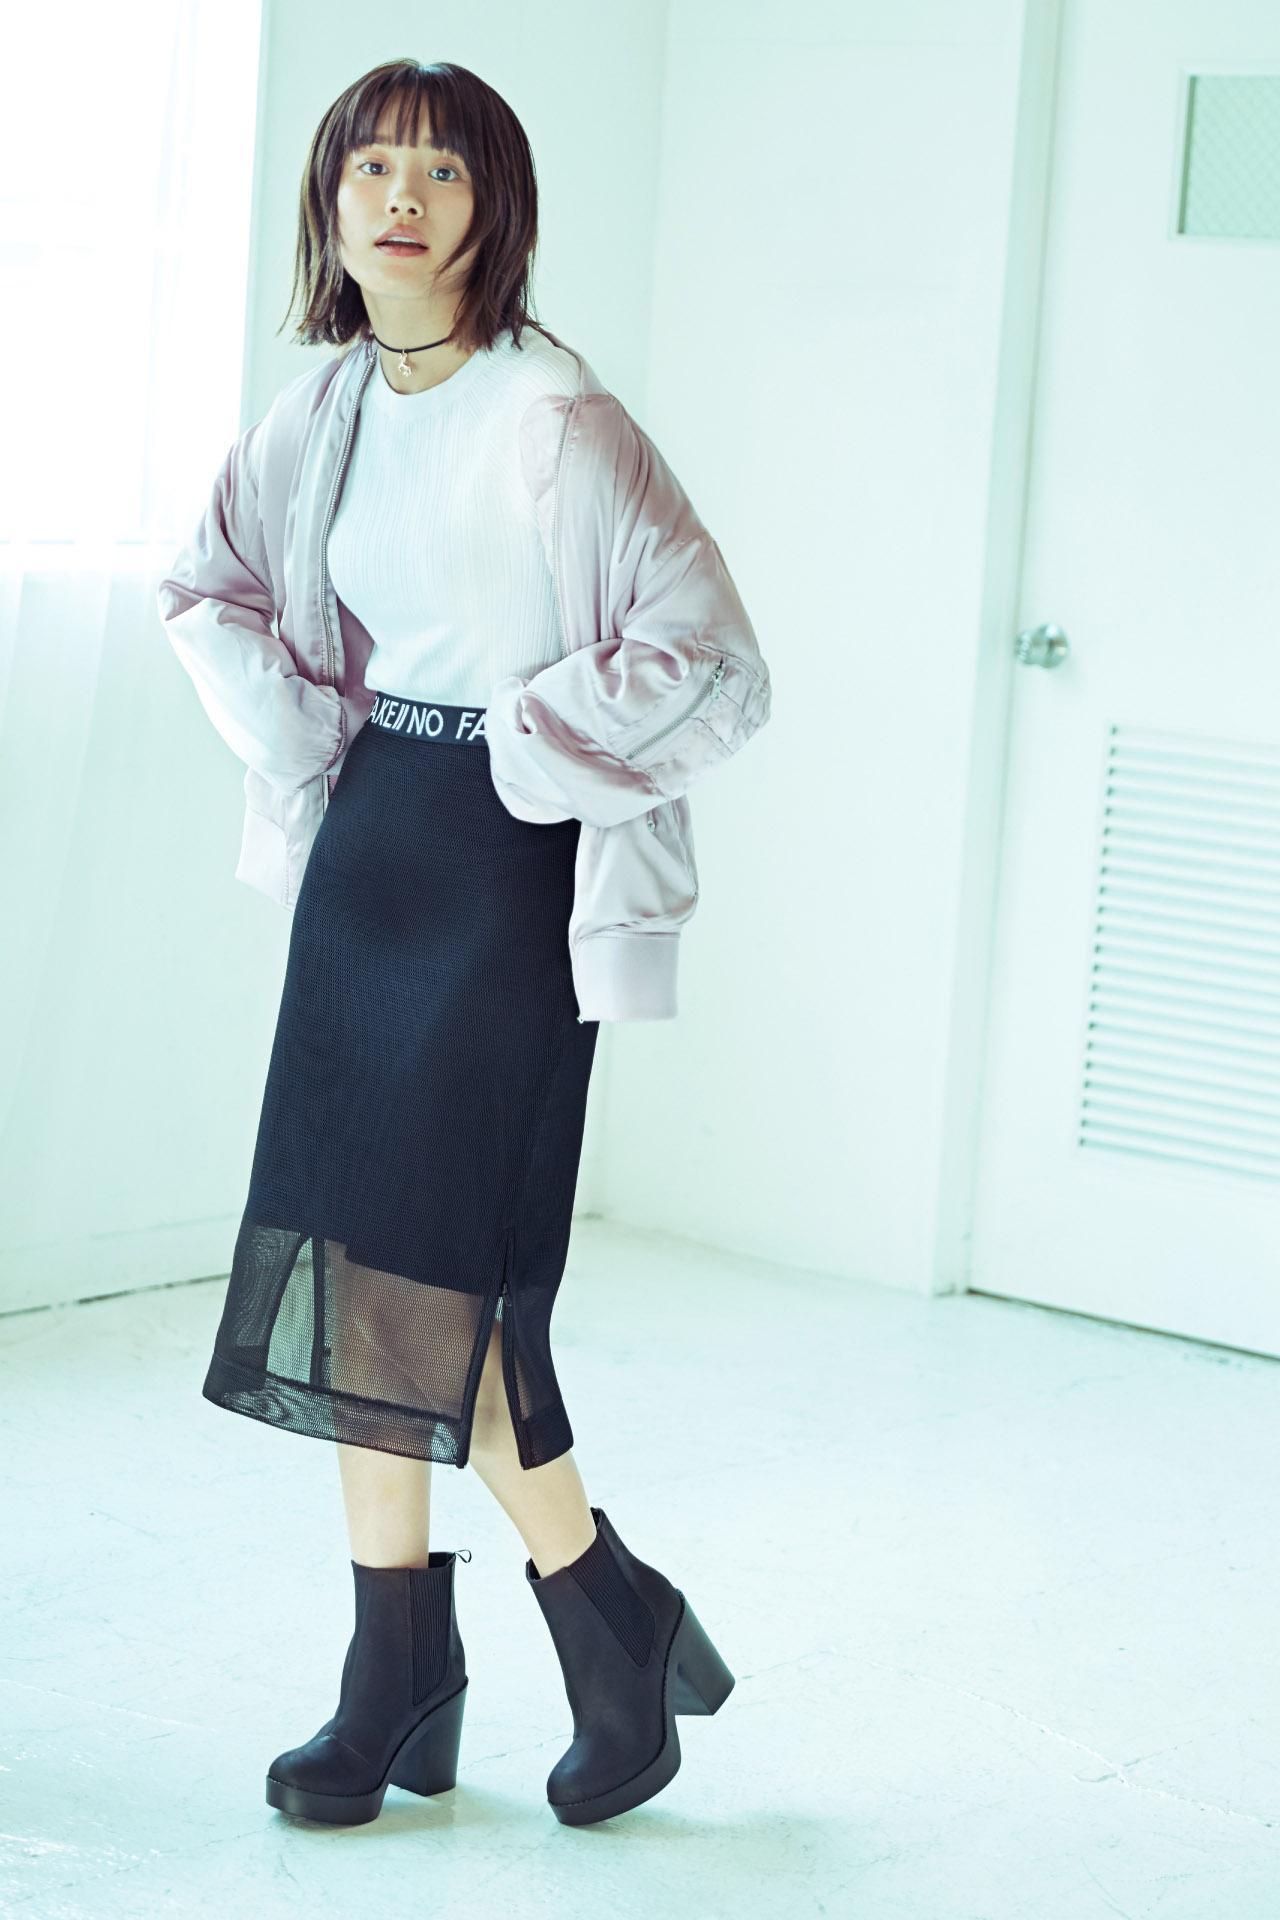 画像: MA-1を選らんでも、スモーキーピンクを選べば、フェミニンな印象に。透け感のある黒のタイトスカートを合わせて大人っぽさをプラス。